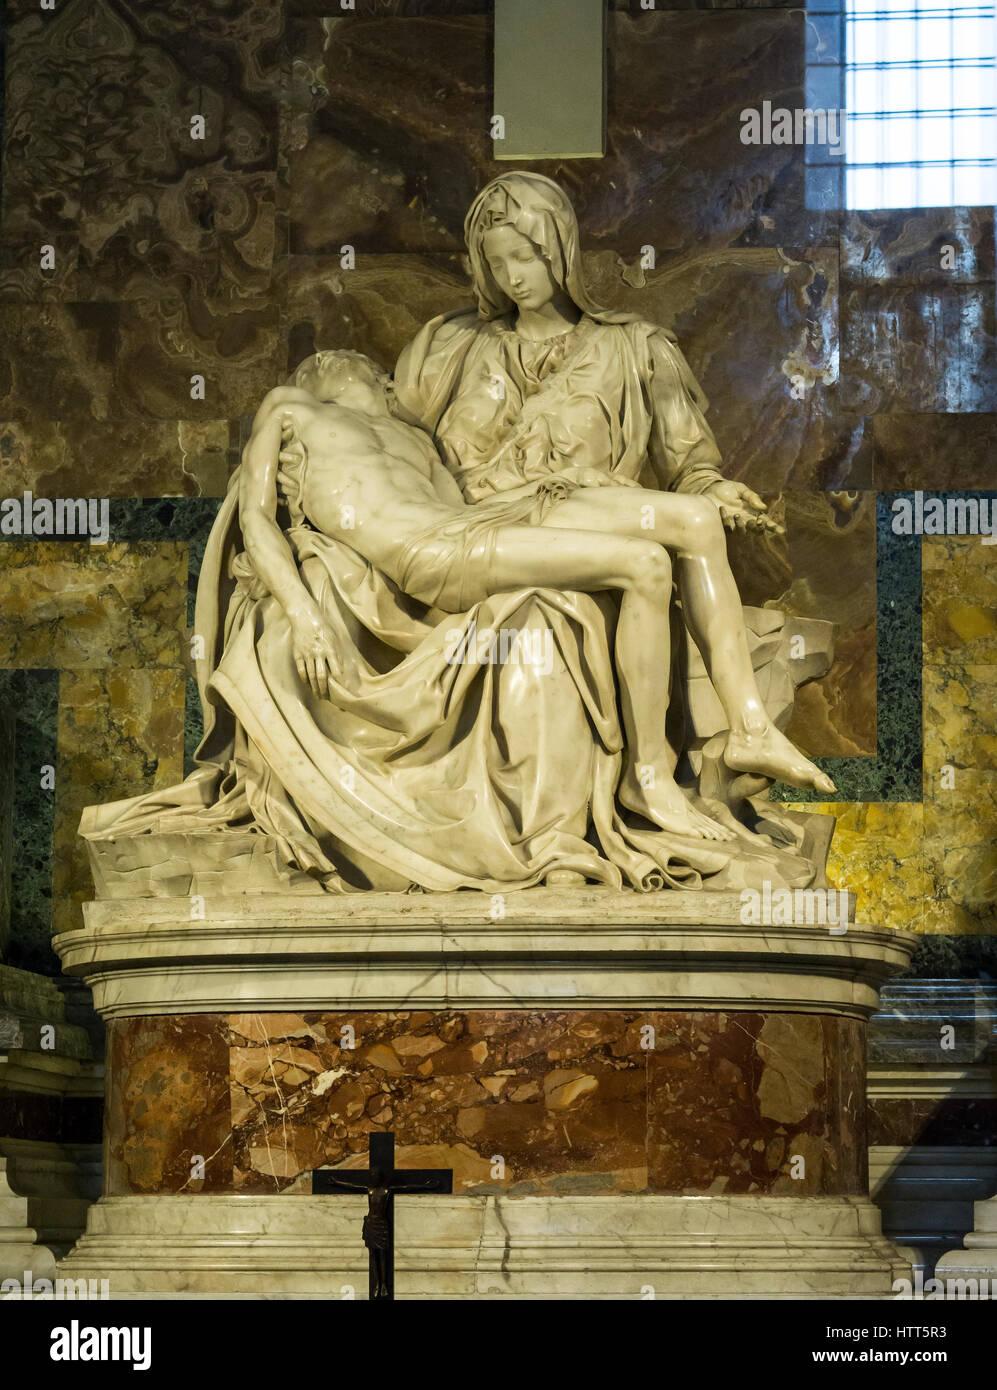 Pietà di Michelangelo 1498-1499 nella Basilica di San Pietro , Città del Vaticano, Roma, Italia. Foto Stock